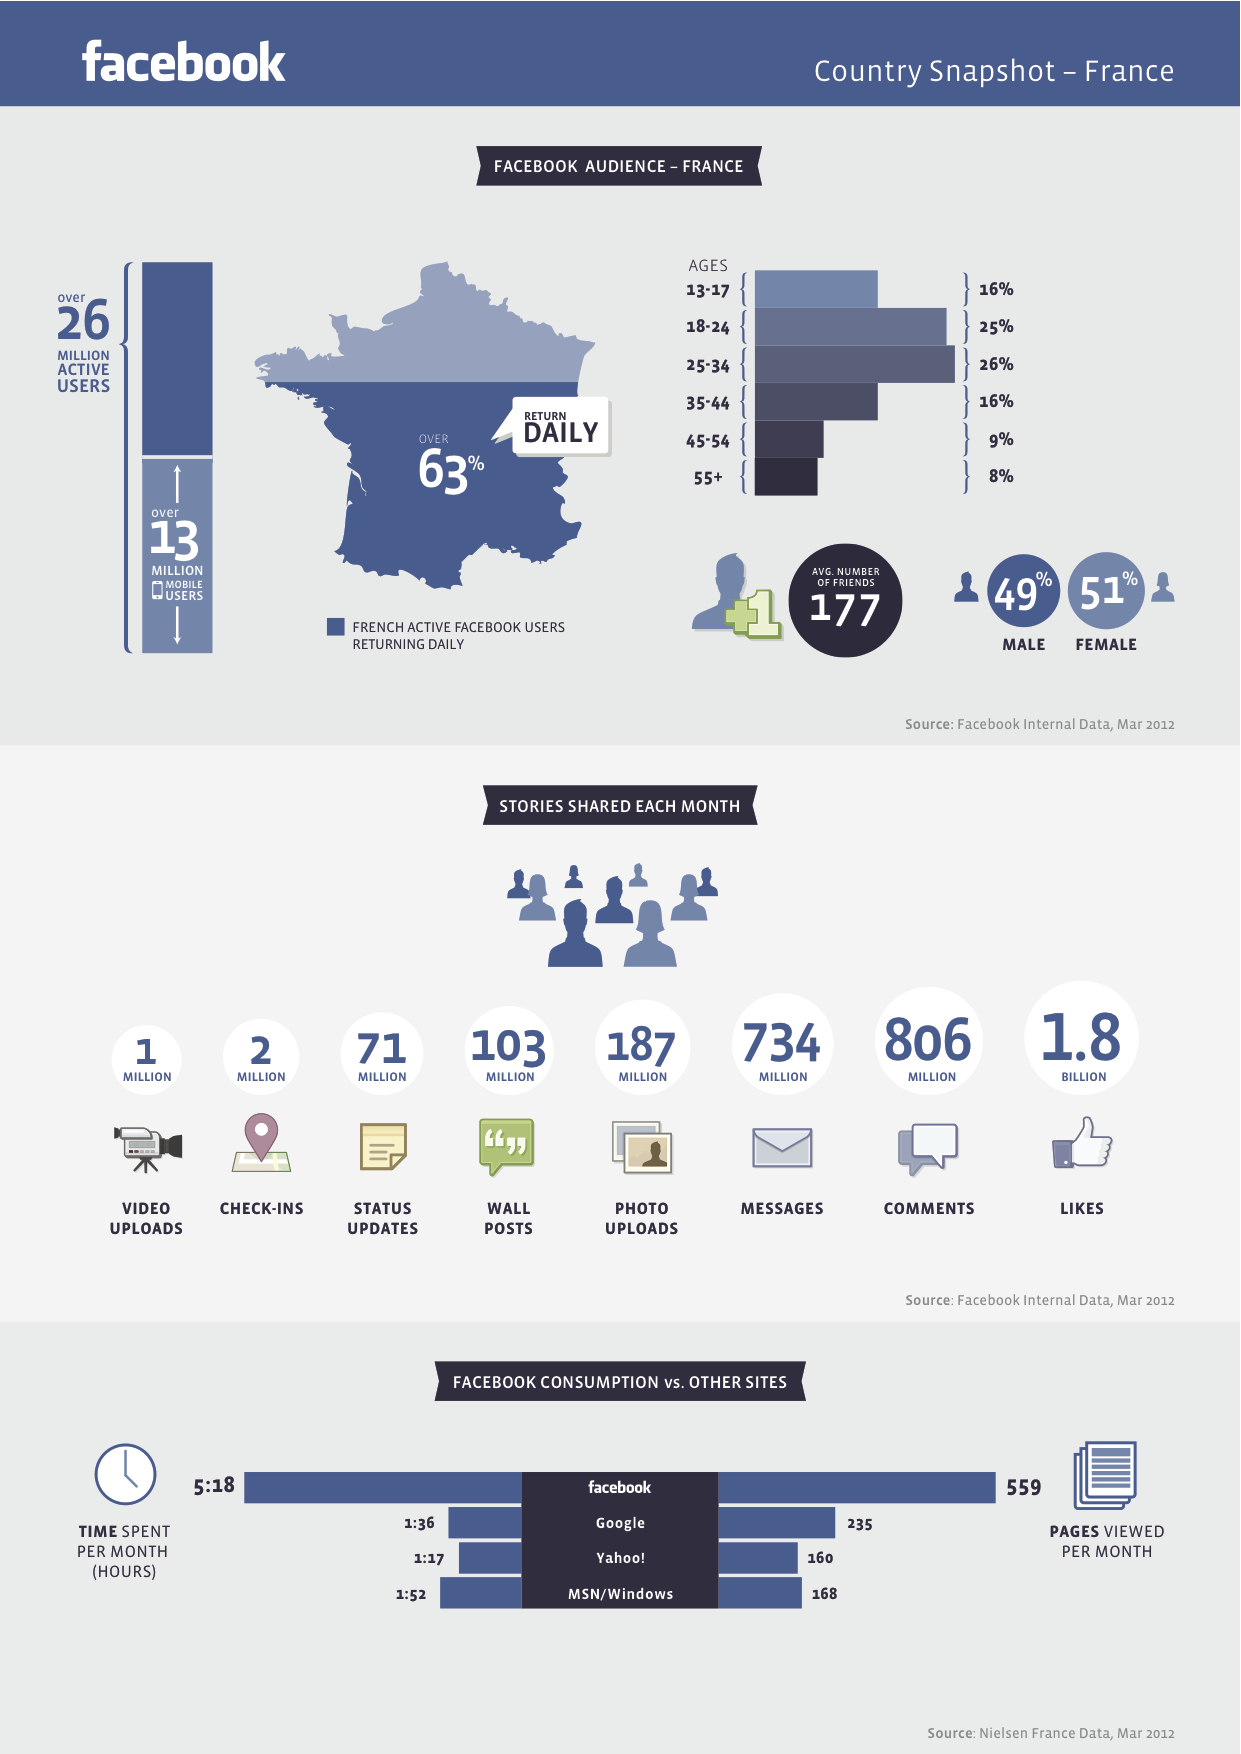 Chiffres de Facebook en France, mars 2012